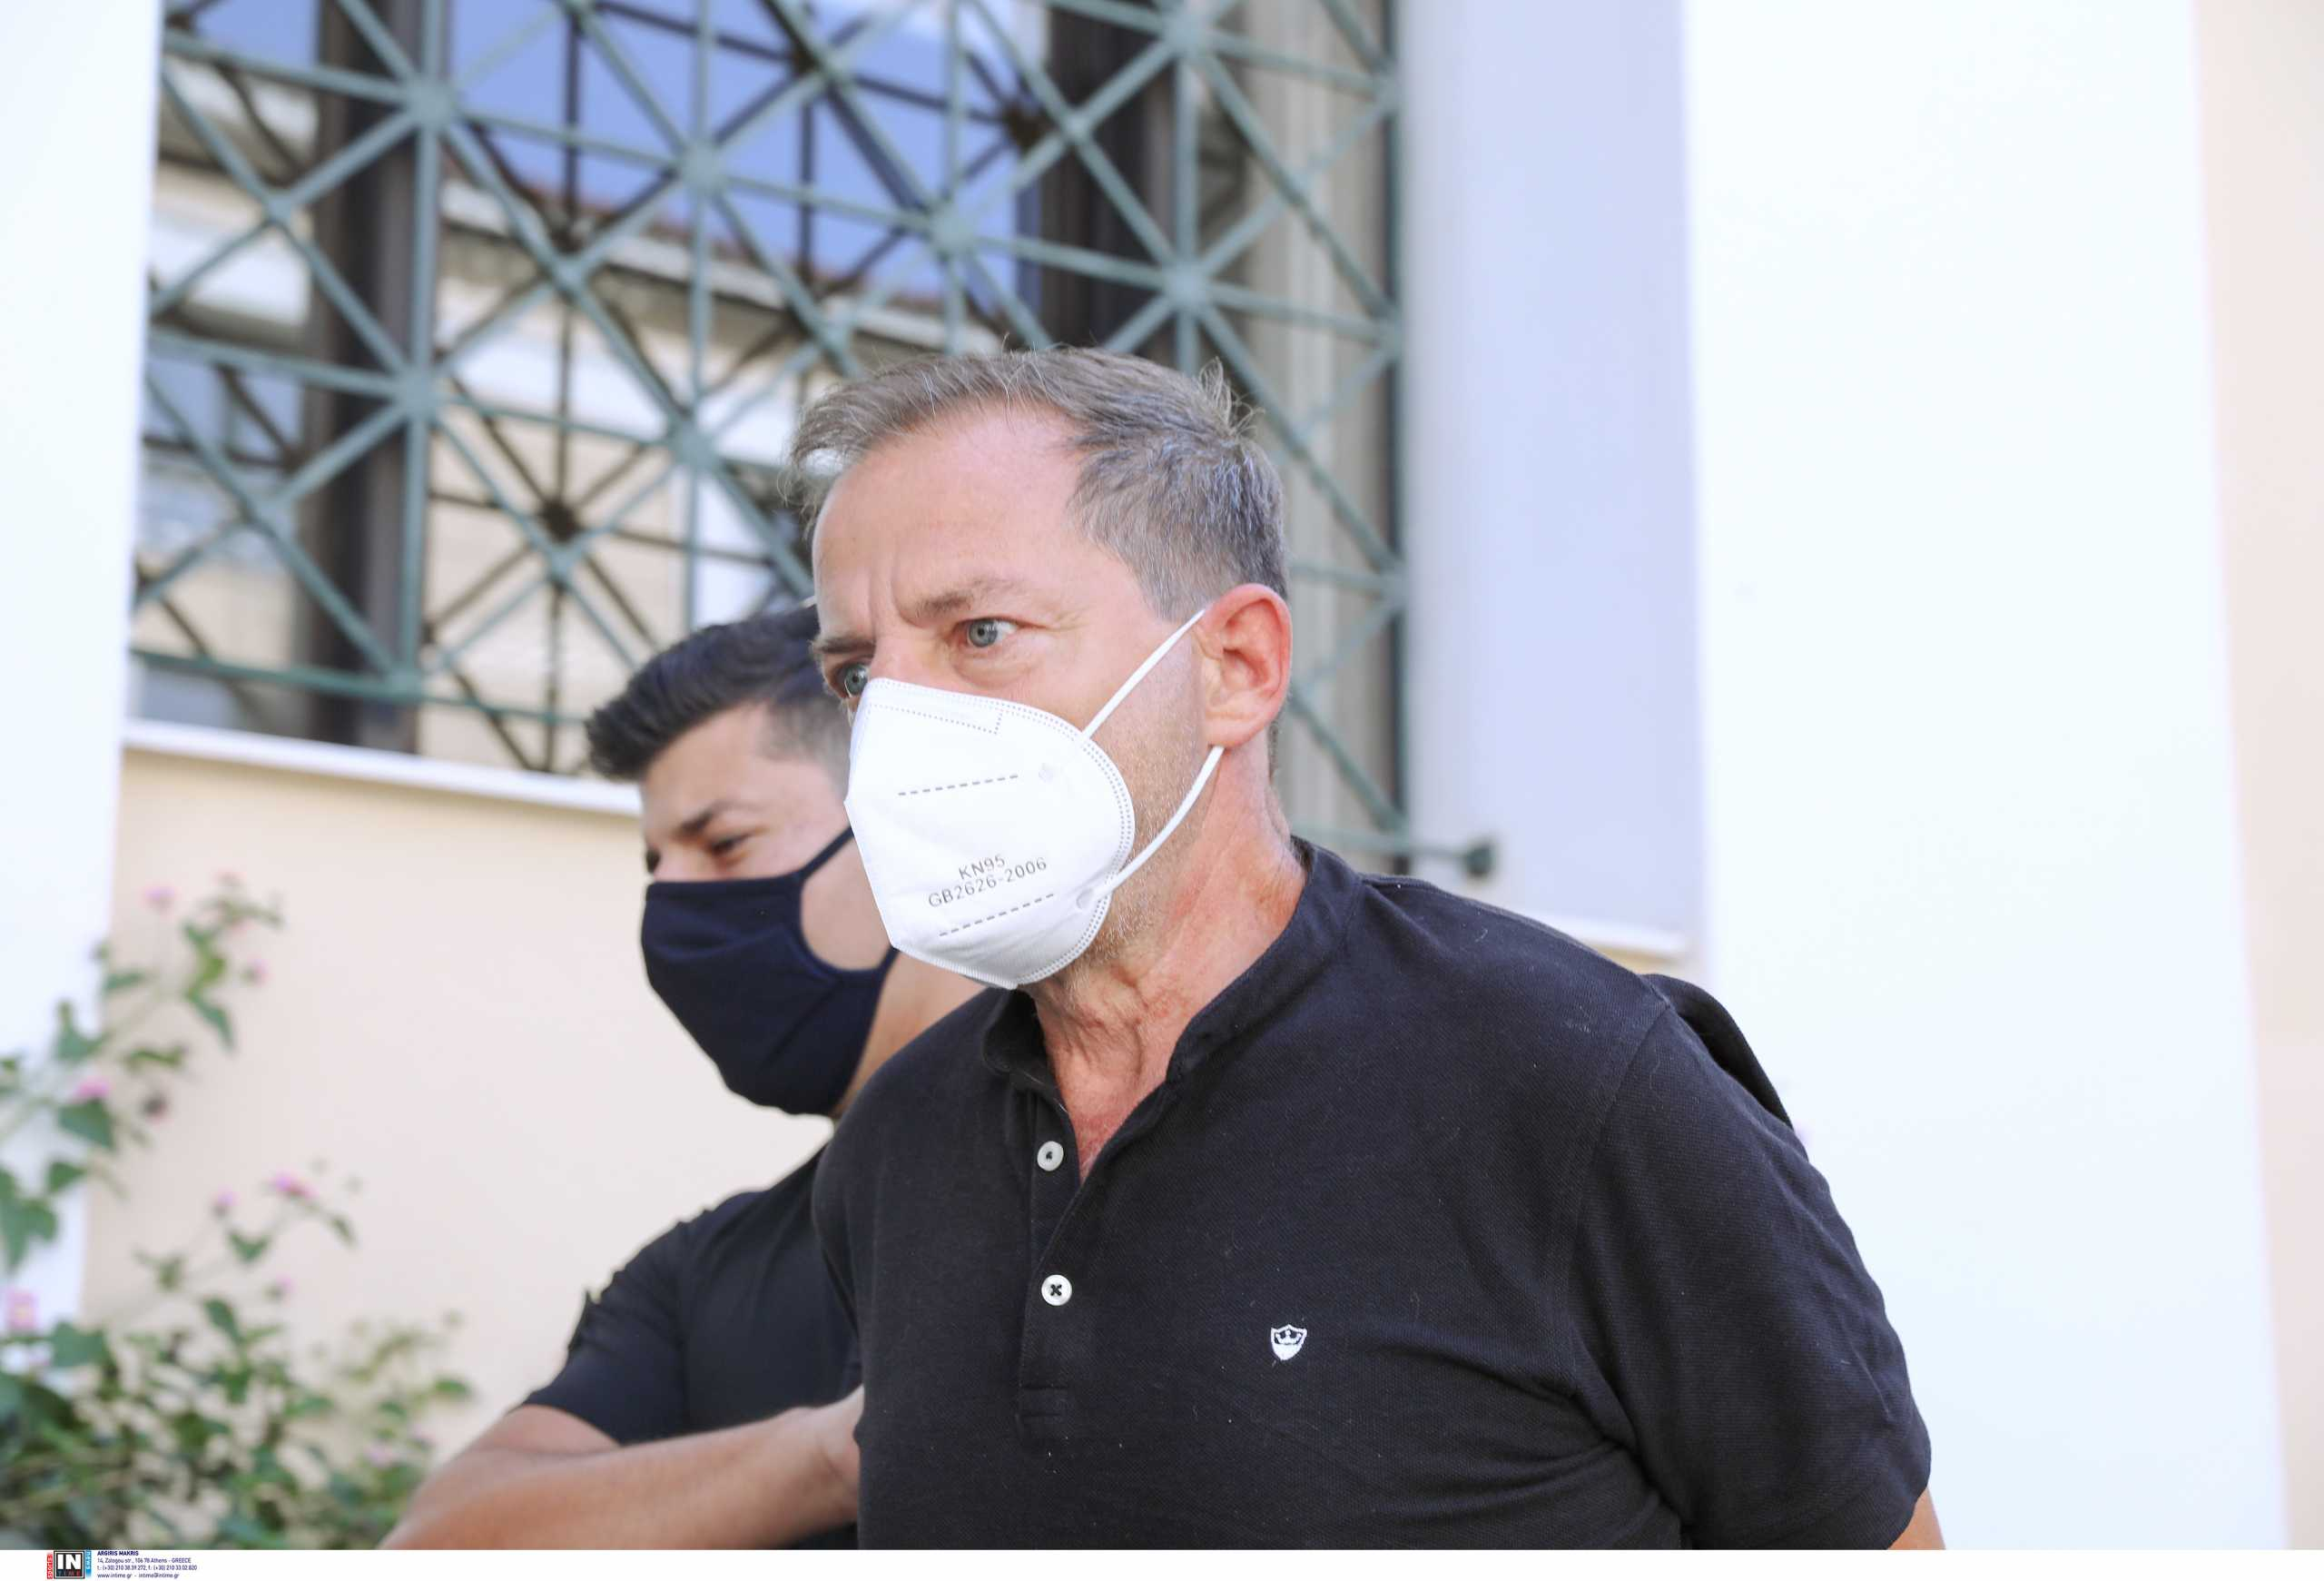 Δημήτρης Λιγνάδης: «Αμετανόητος και επικίνδυνος» – Η εισαγγελική πρόταση και το σκεπτικό της